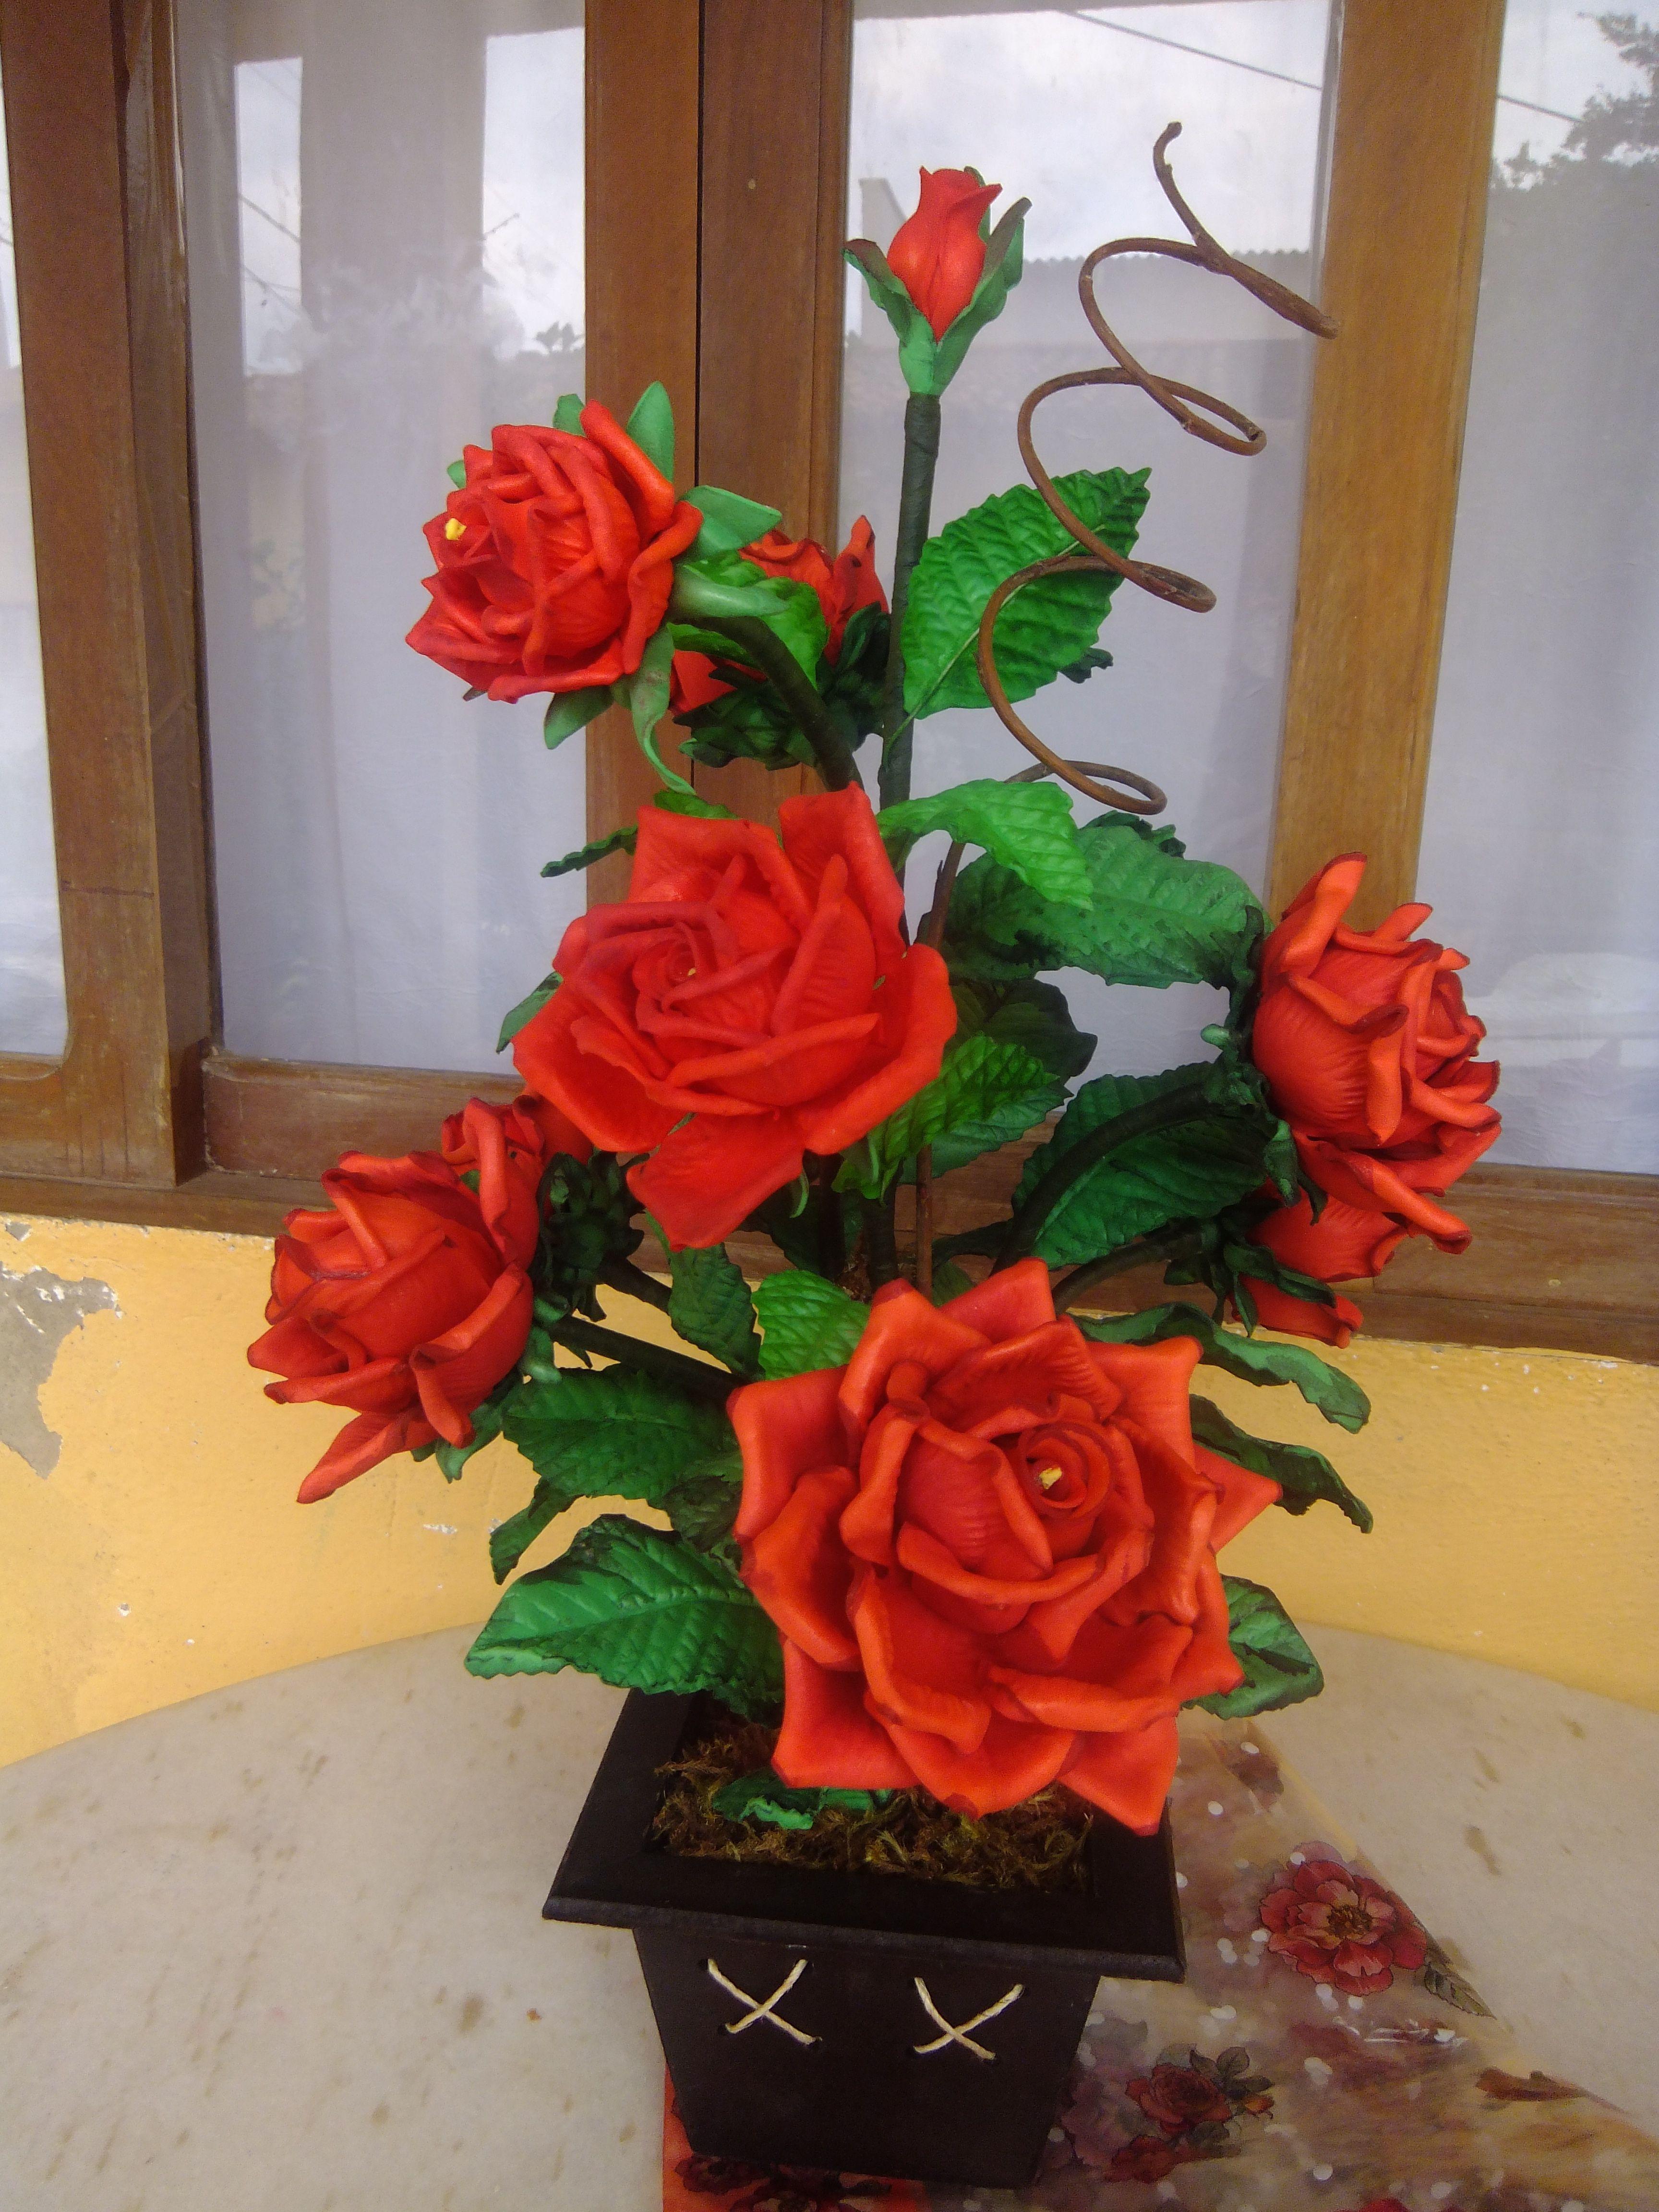 Arranjo Em Eva Arranjos De Rosas Flores Artesanato E Arranjos